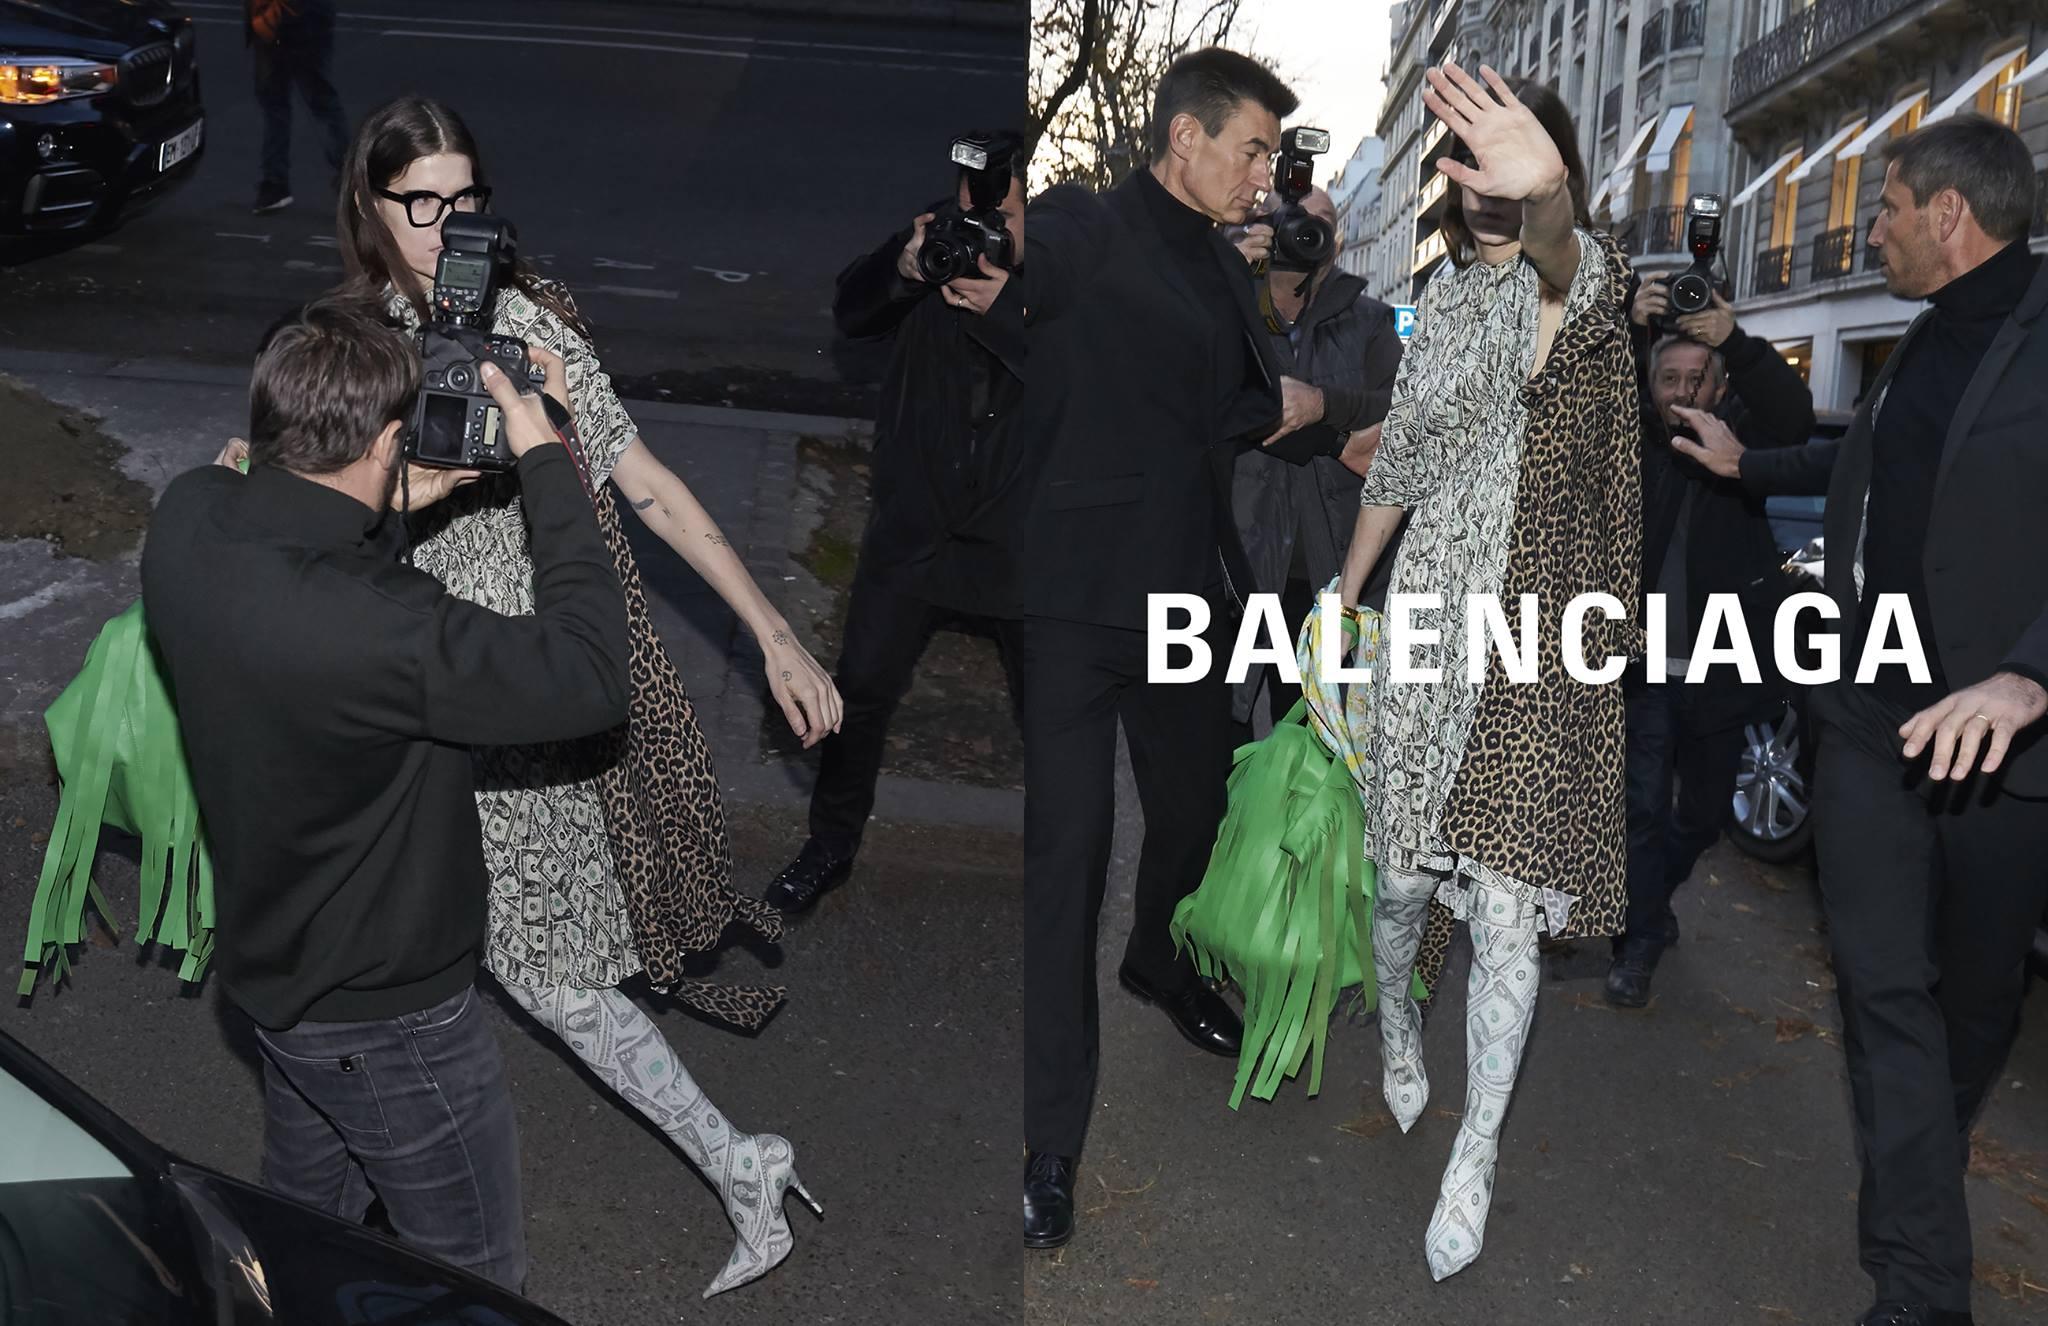 Campagne été 2018 de Balenciaga